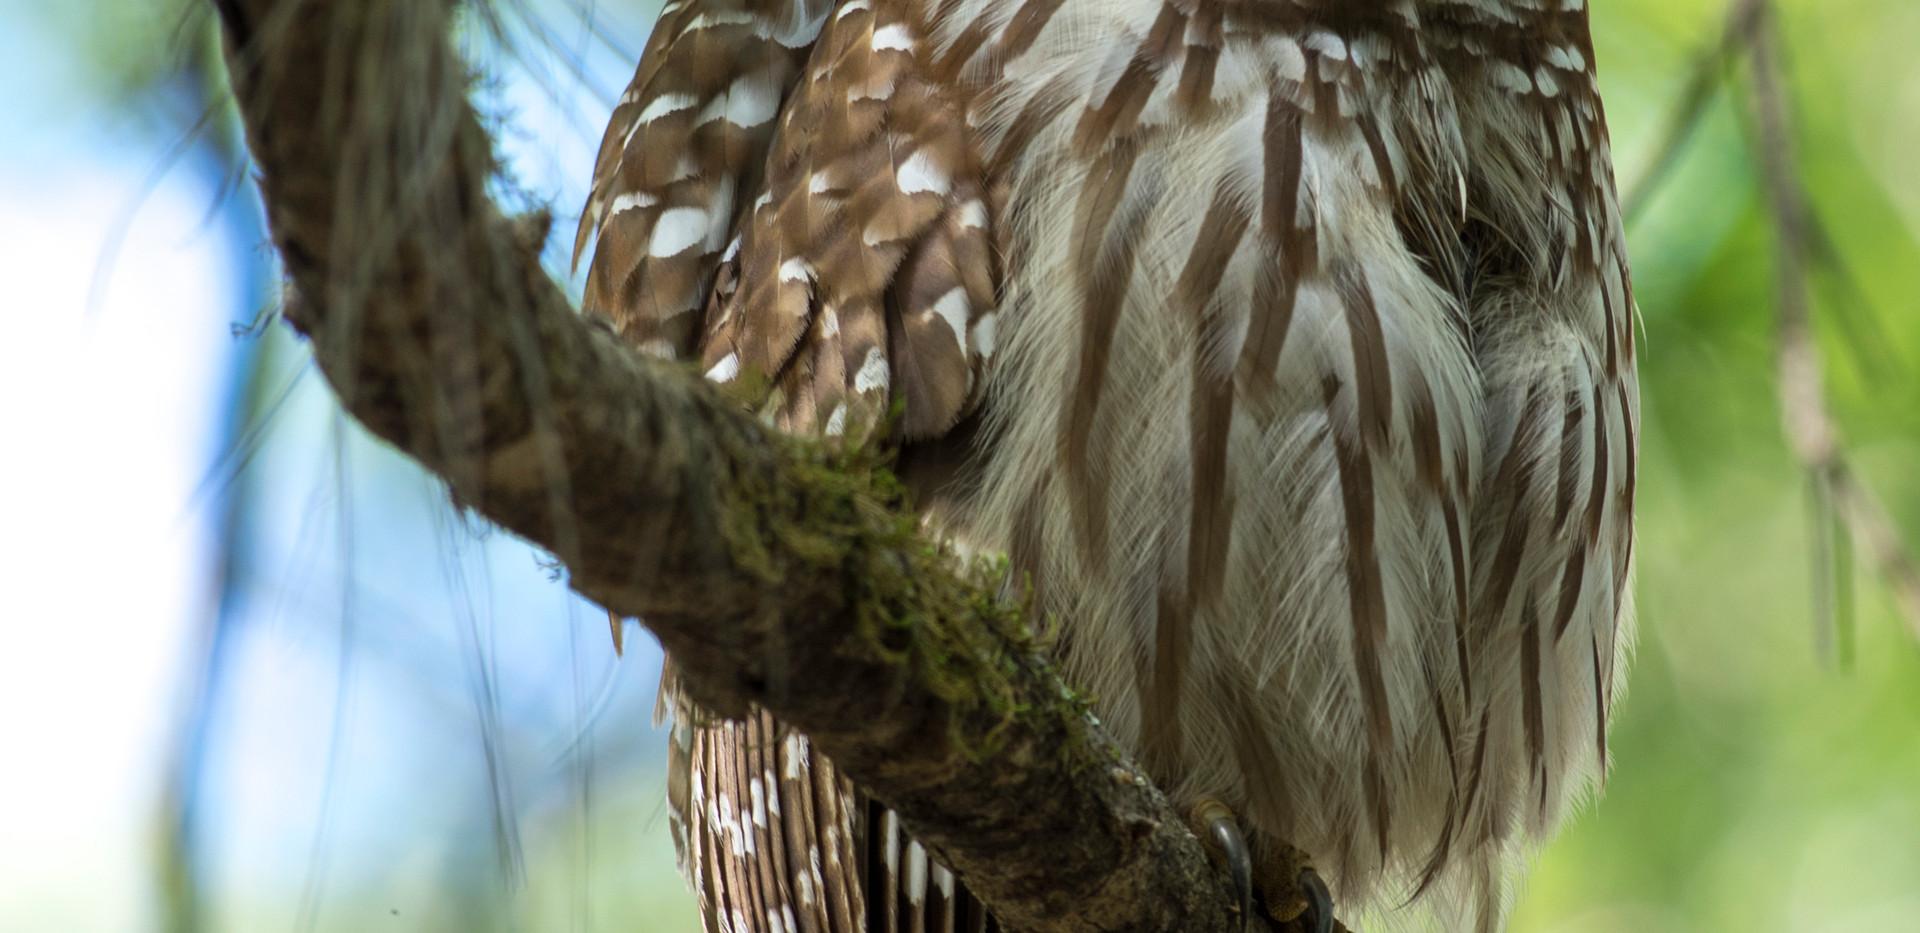 Barred Owl (Strix varia).jpg